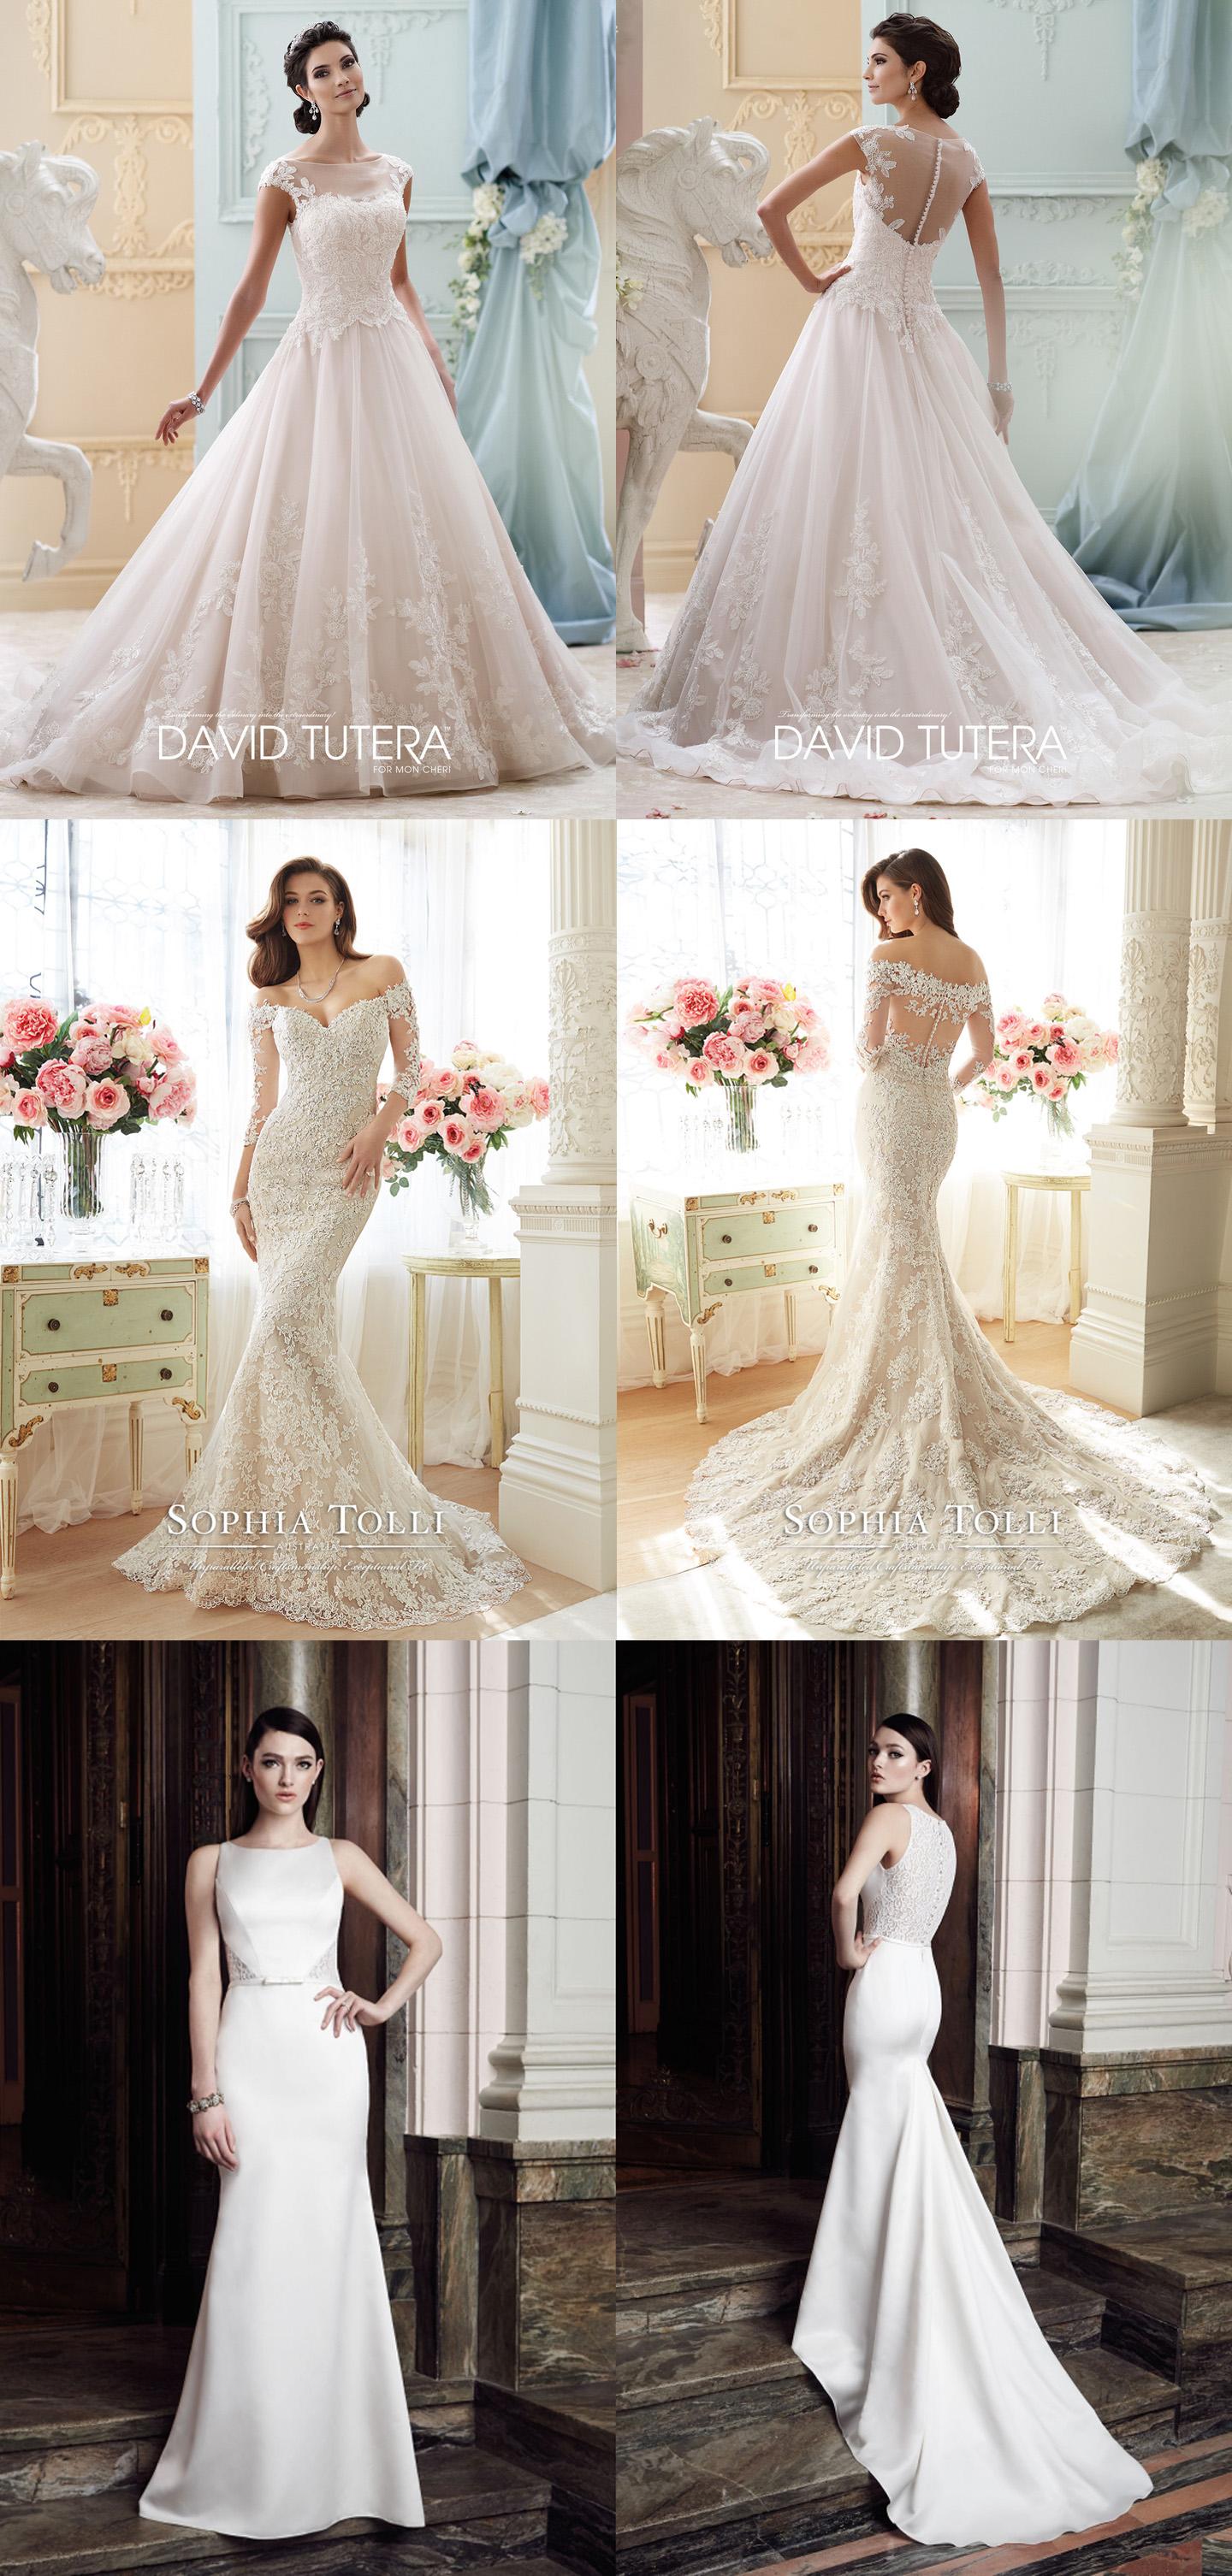 Bridal Gown SALE!